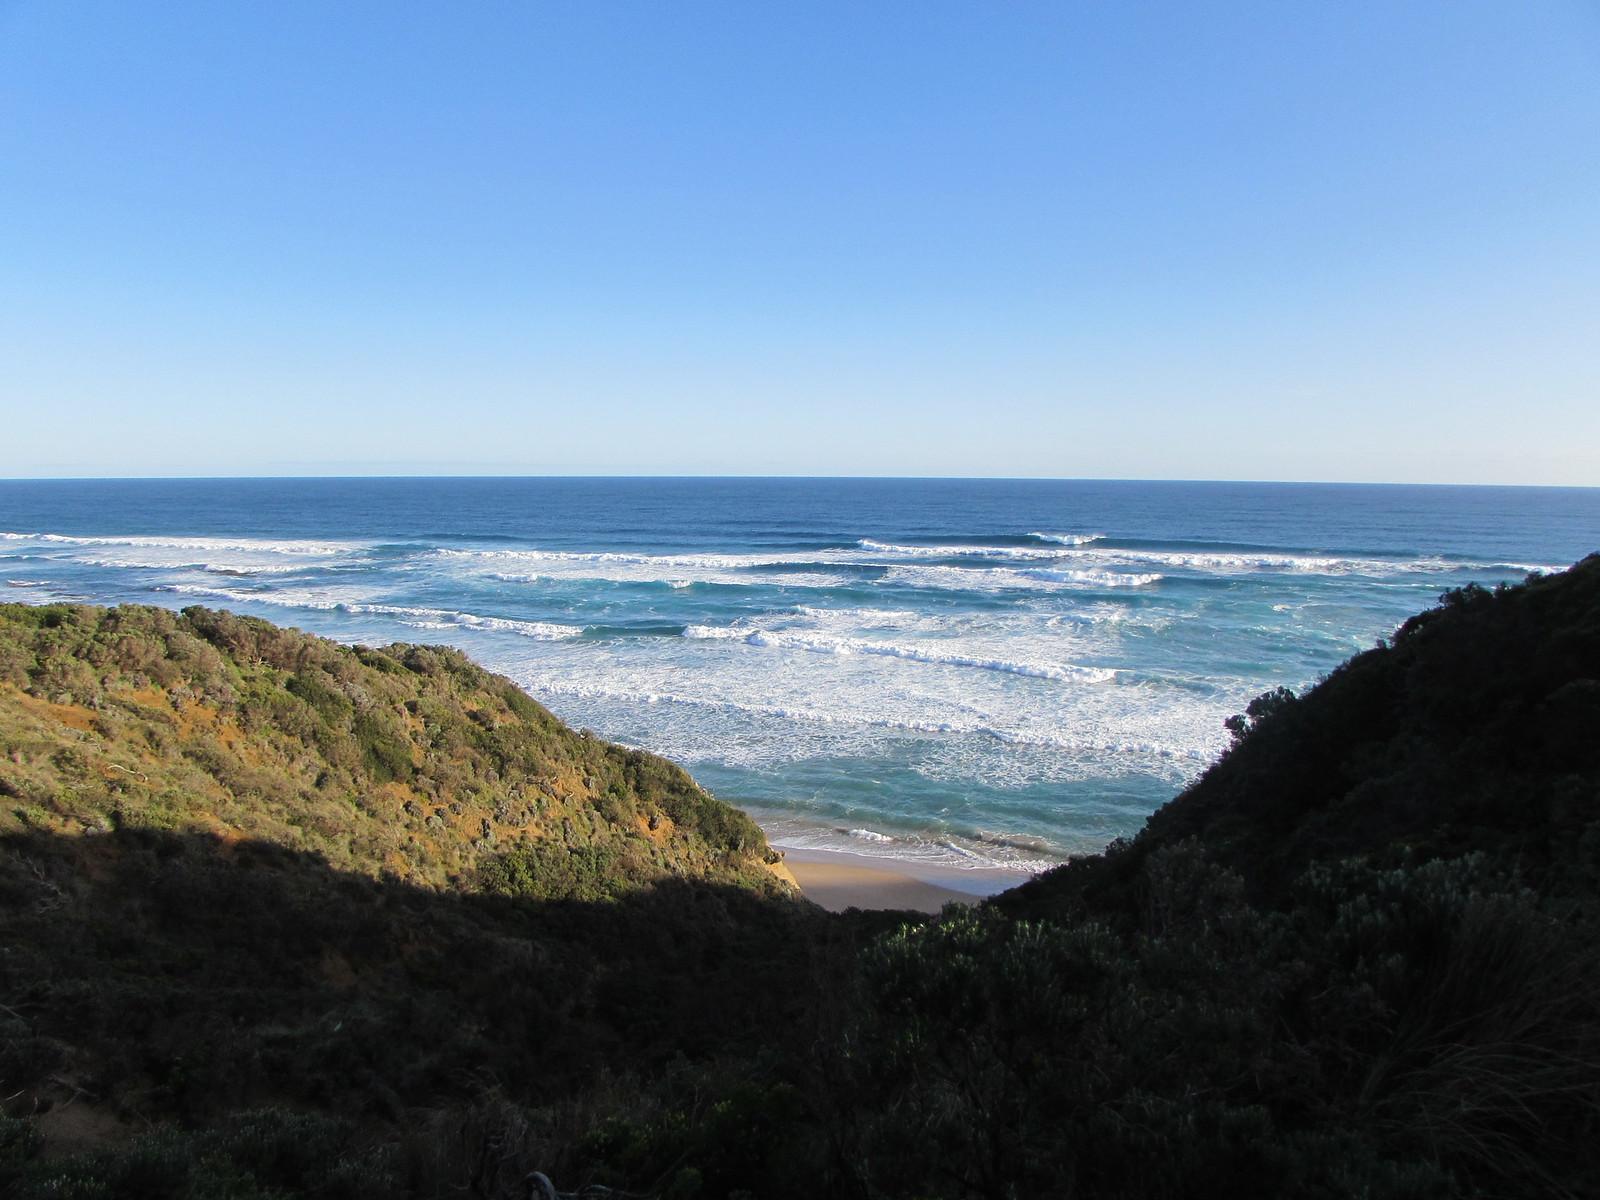 Another overlook of Johanna Beach